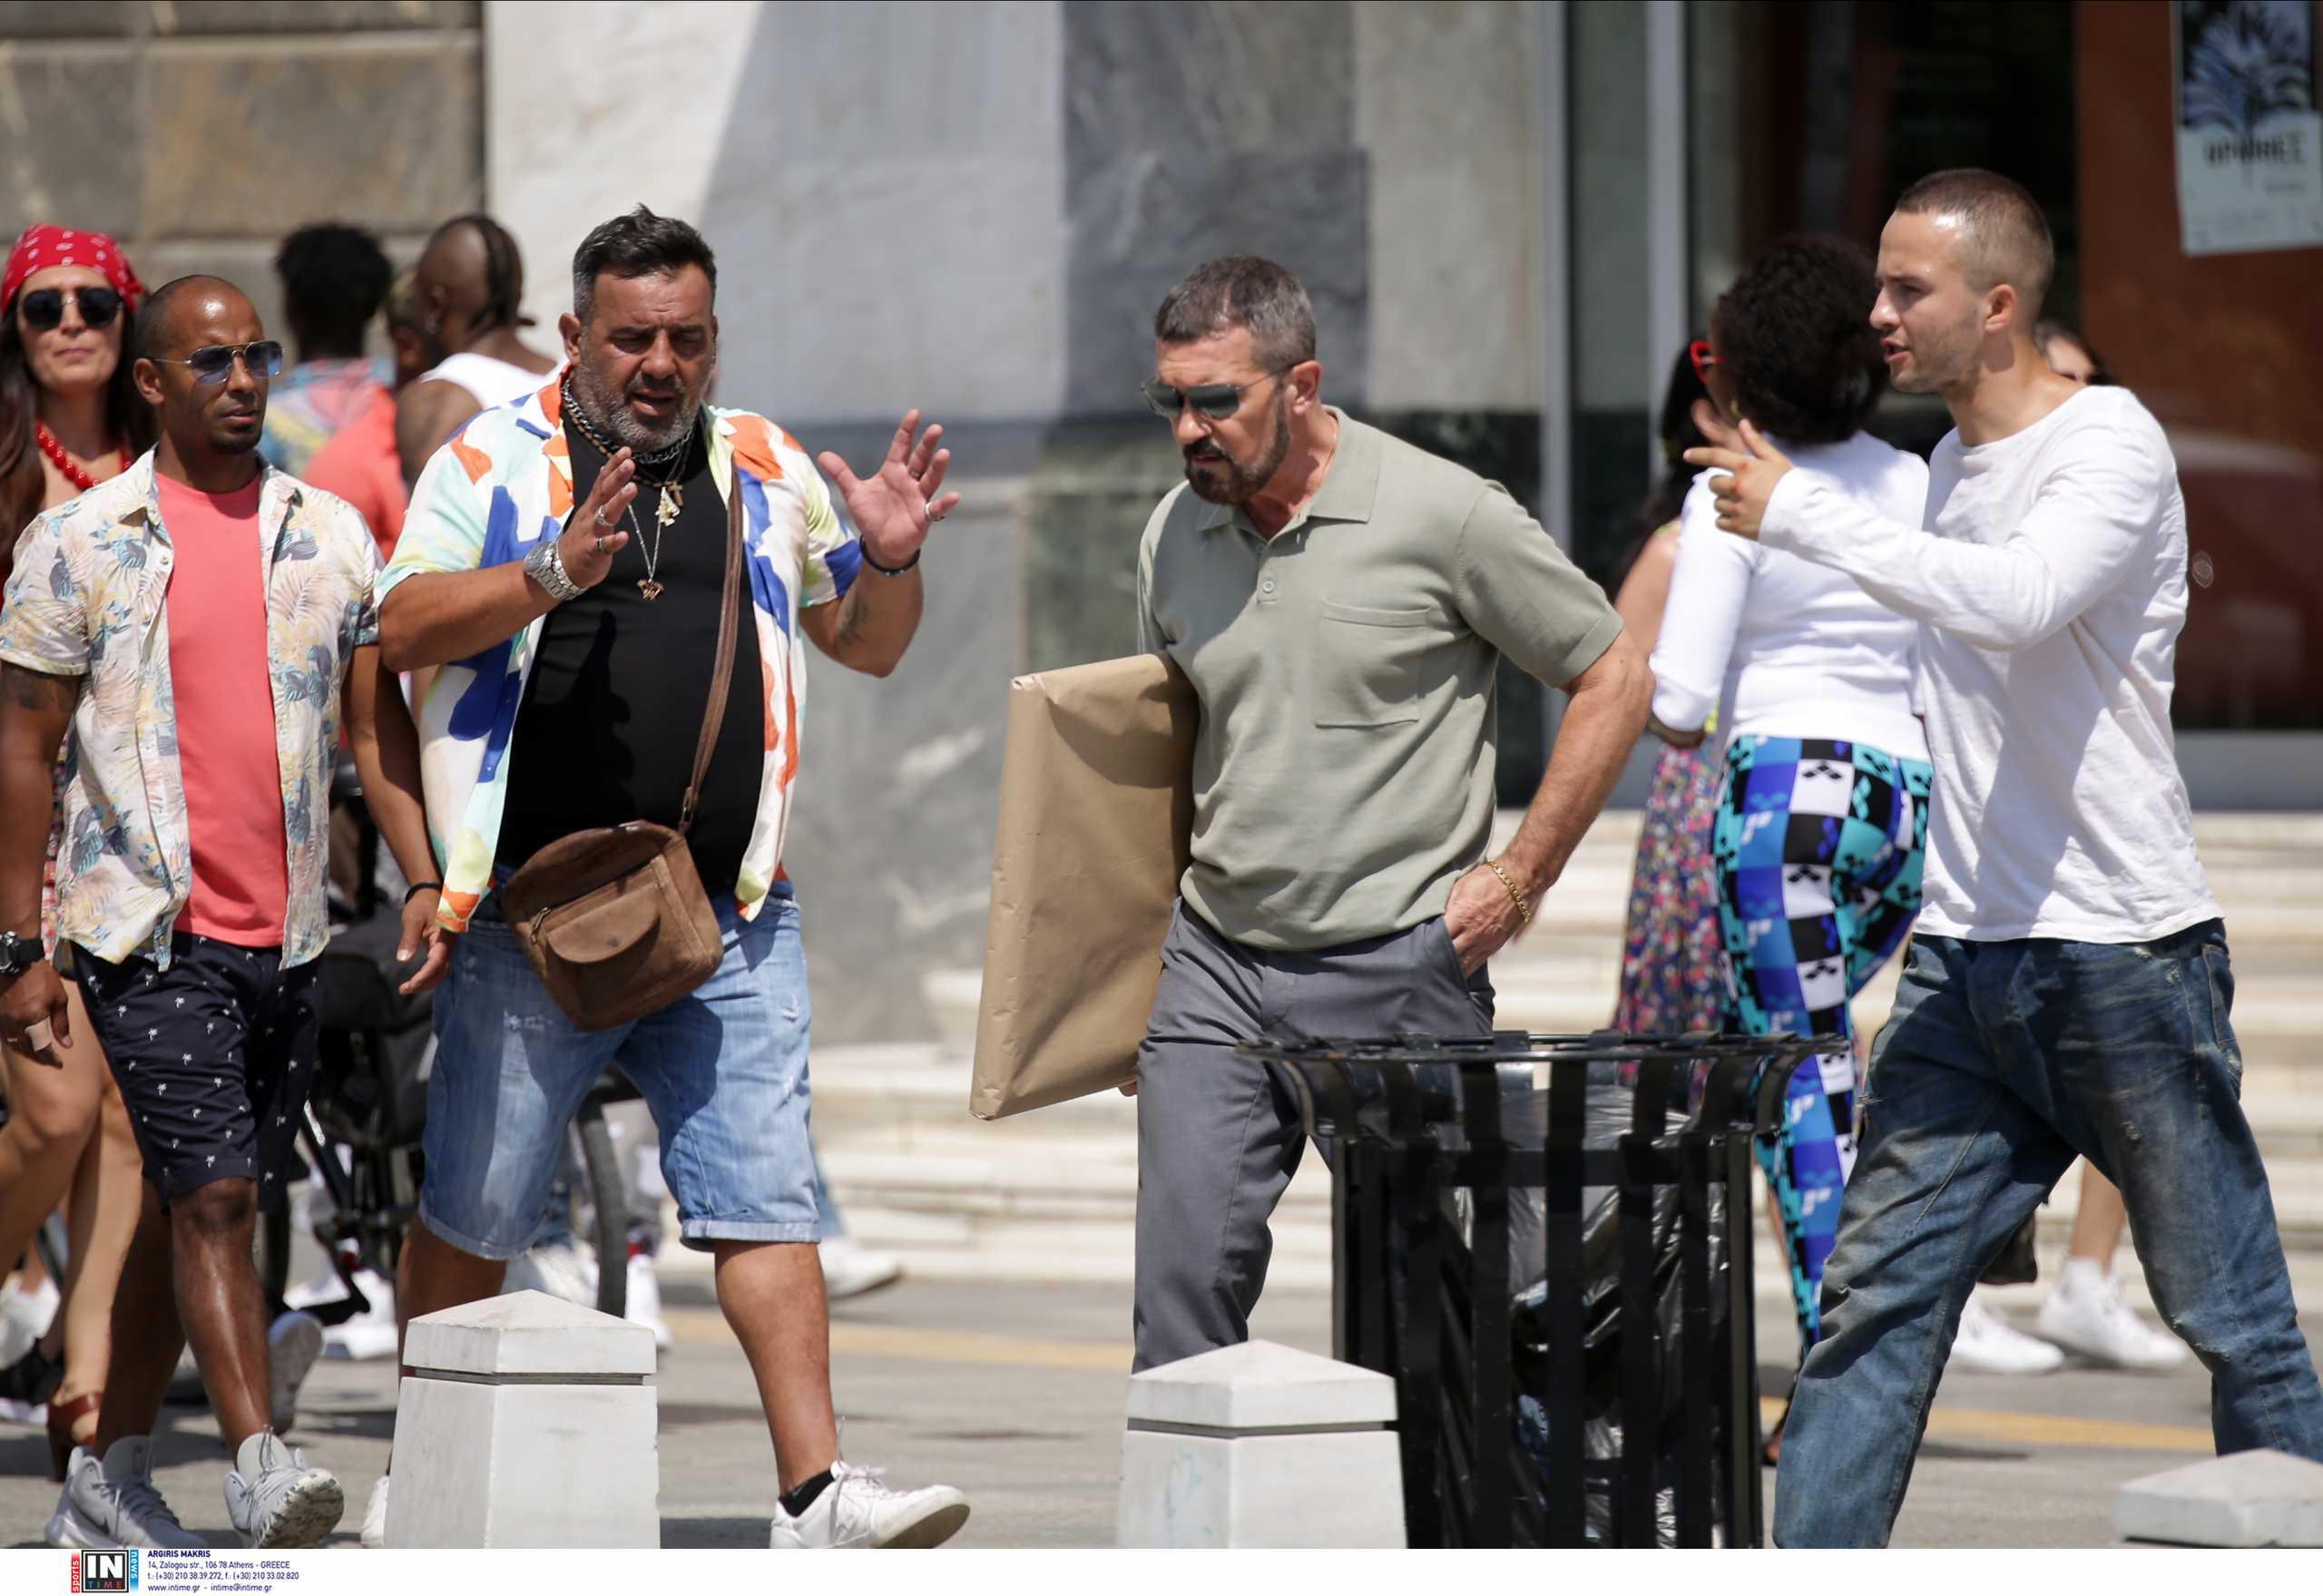 Αντόνιο Μπαντέρας: Δείτε ολόκληρη τη σκηνή του «The Enforcer» που γυρίστηκε στη Θεσσαλονίκη